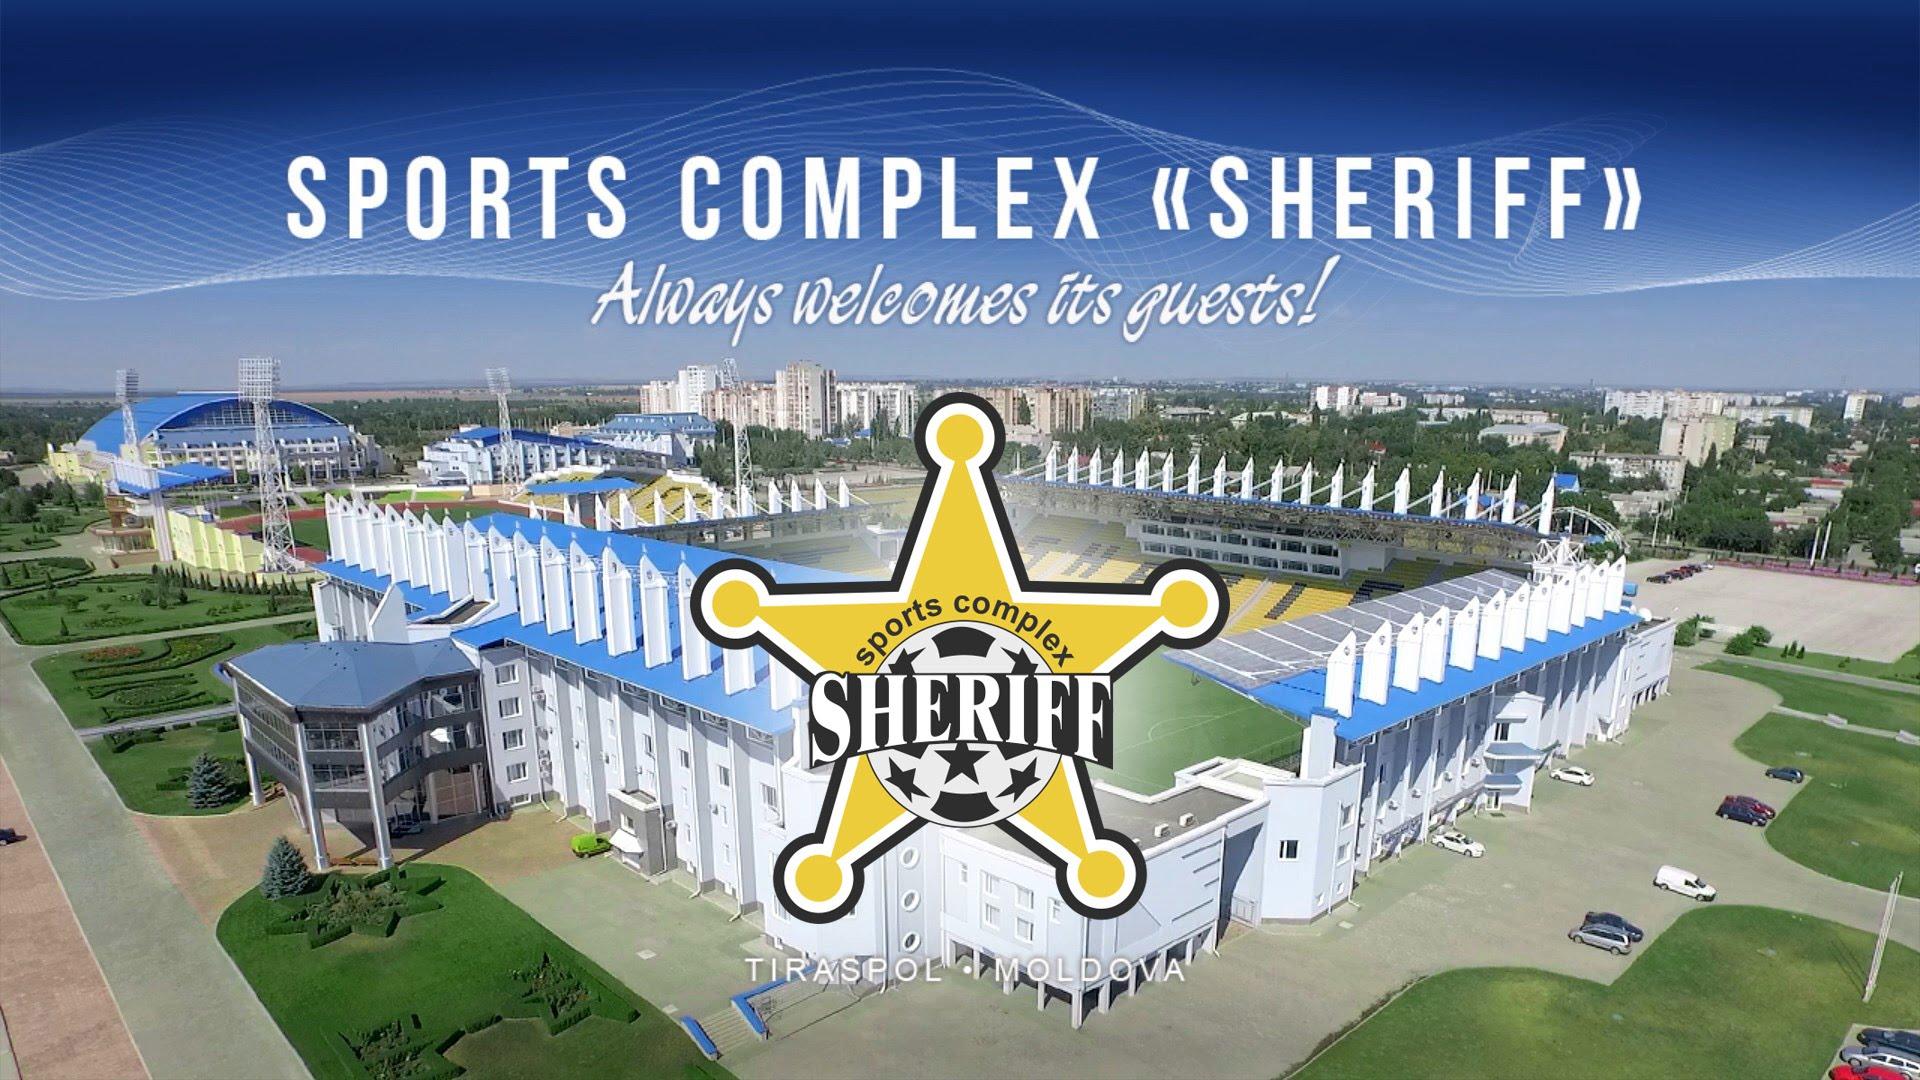 legia-gra-o-byc-albo-nie-byc-z-sheriffem-sportowyring-com